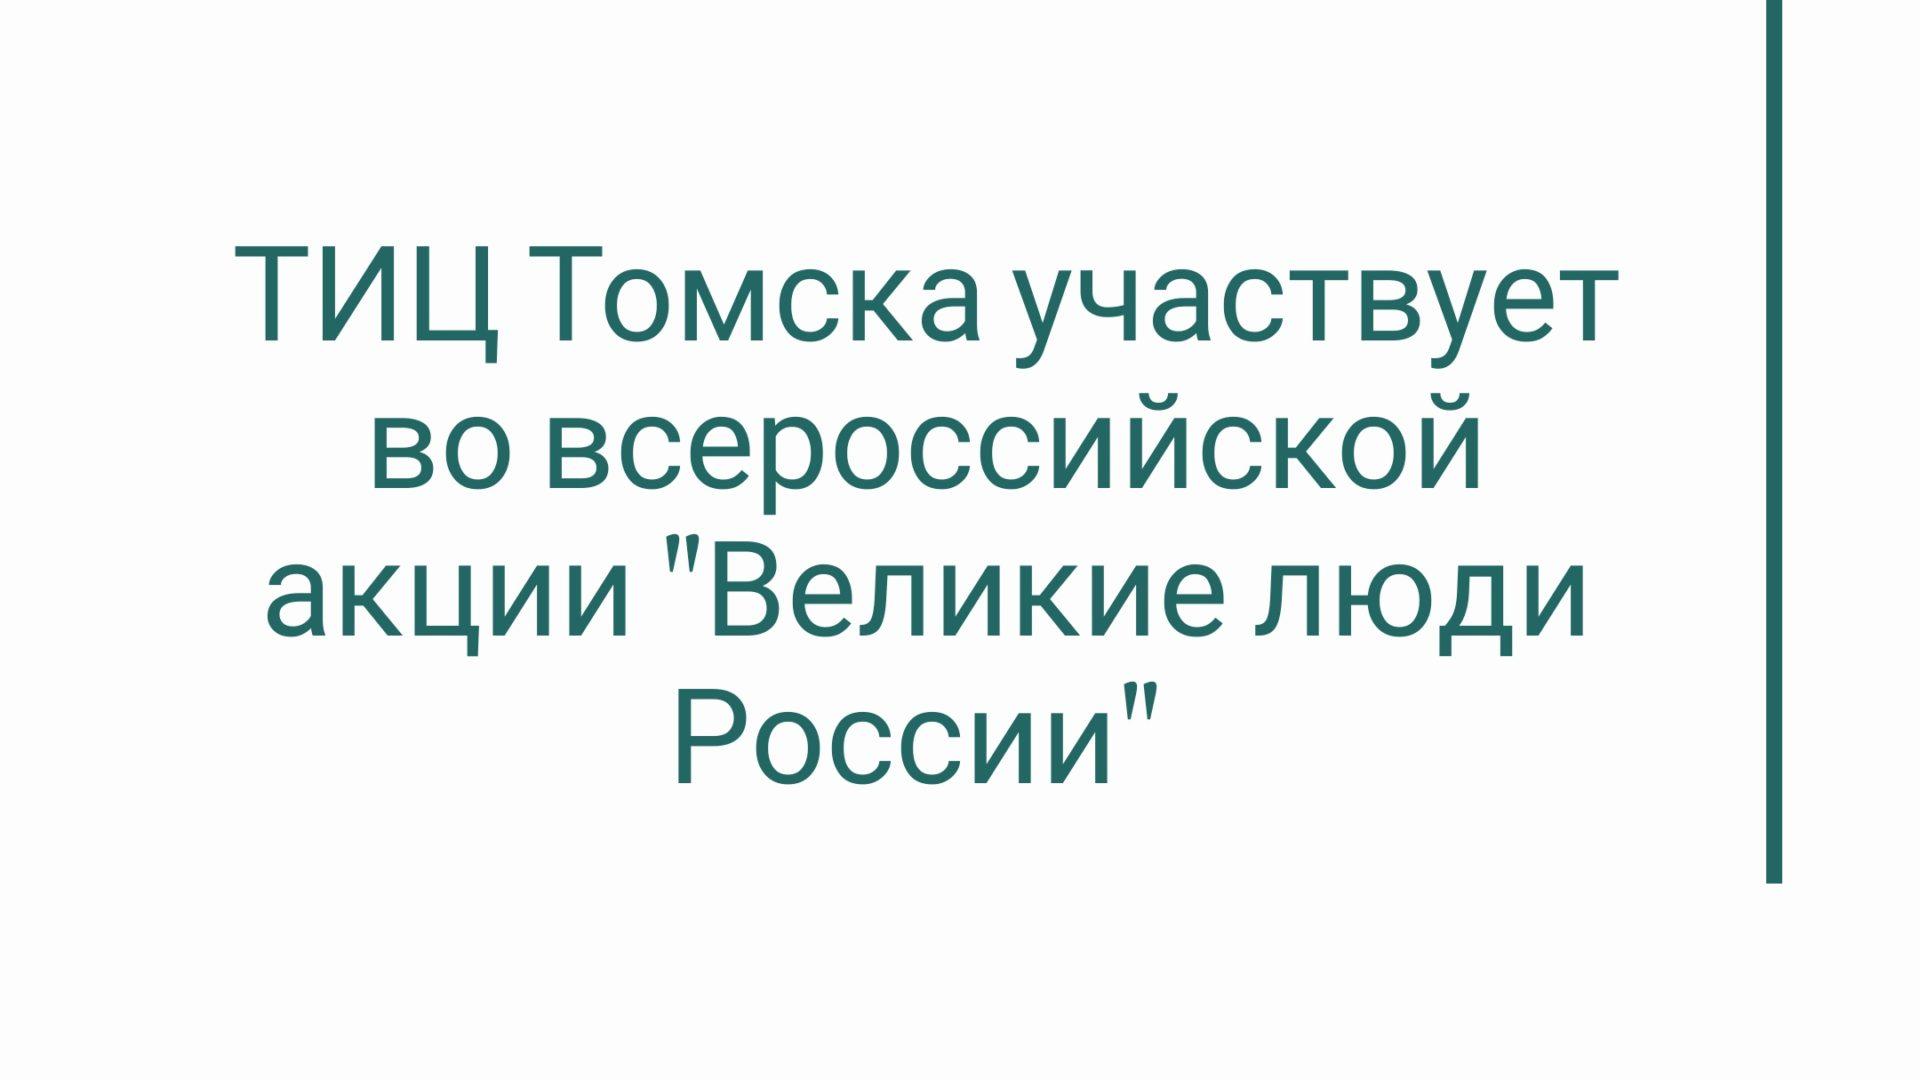 """Всероссийская акция """"Великие люди России"""""""